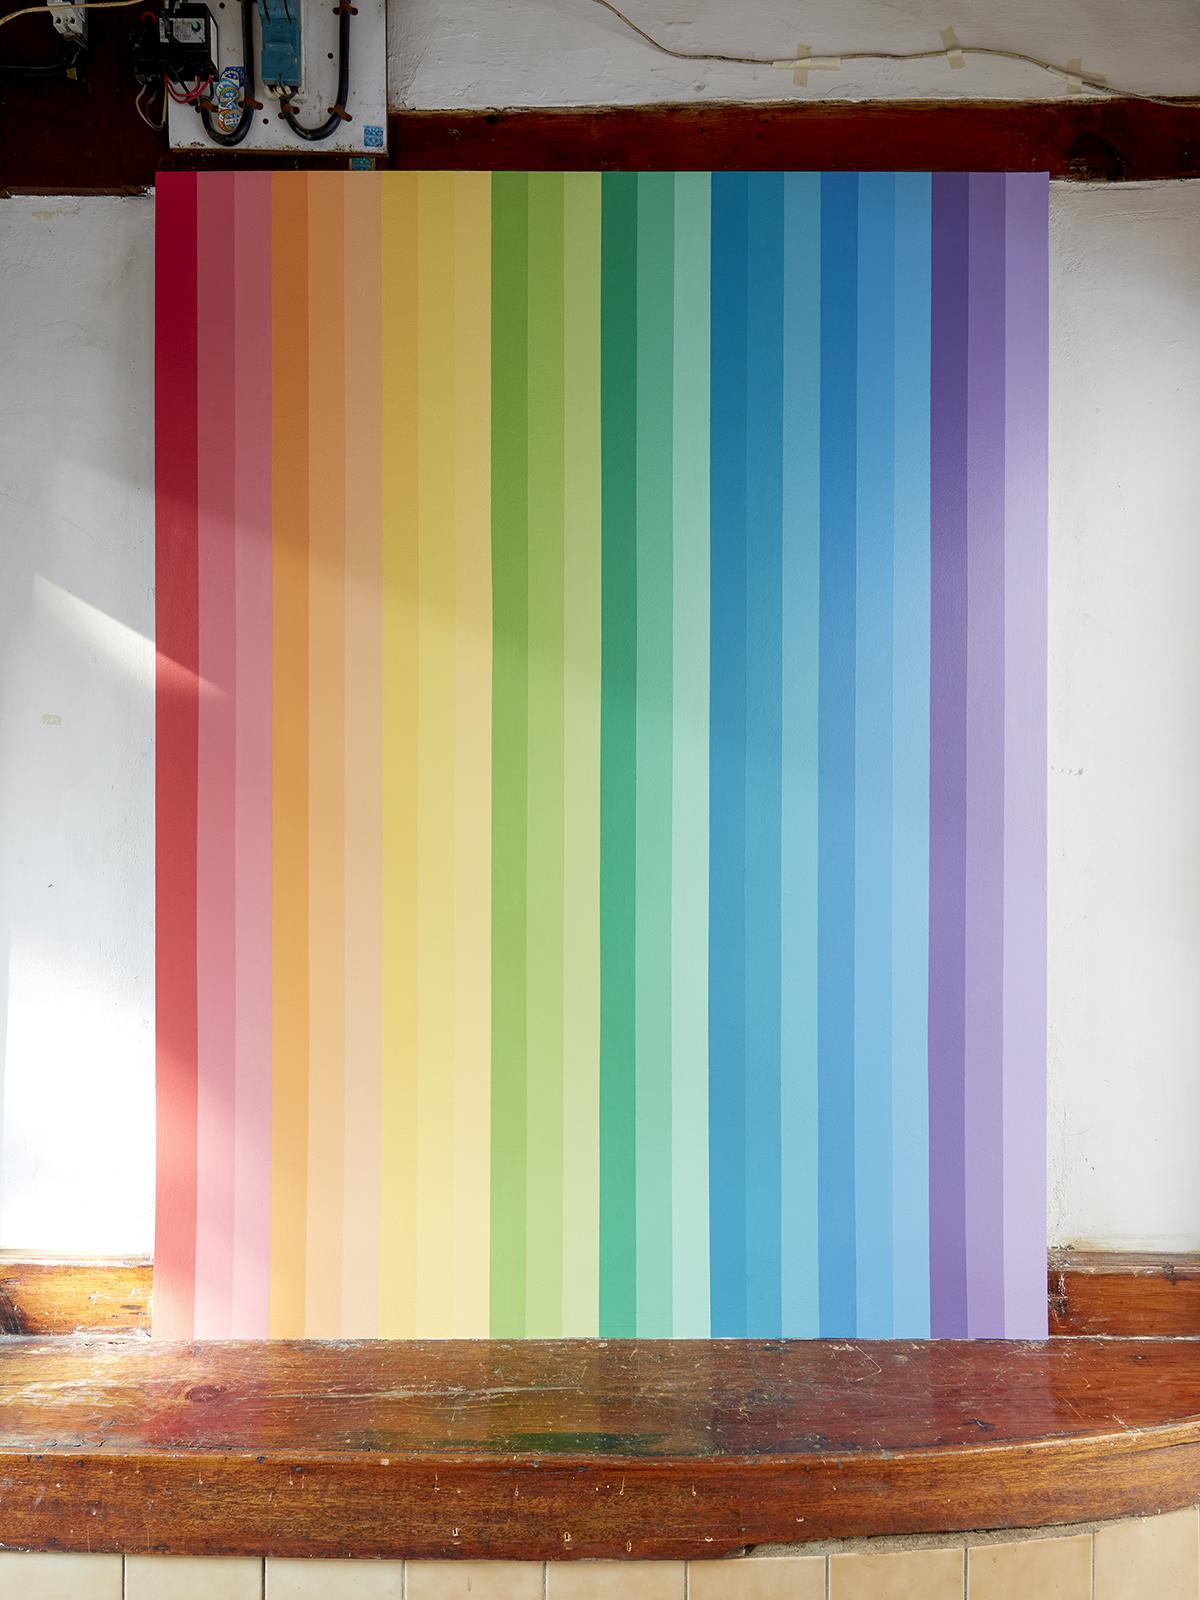 SMSM, 『색깔의 힘』. 사진: 김상태